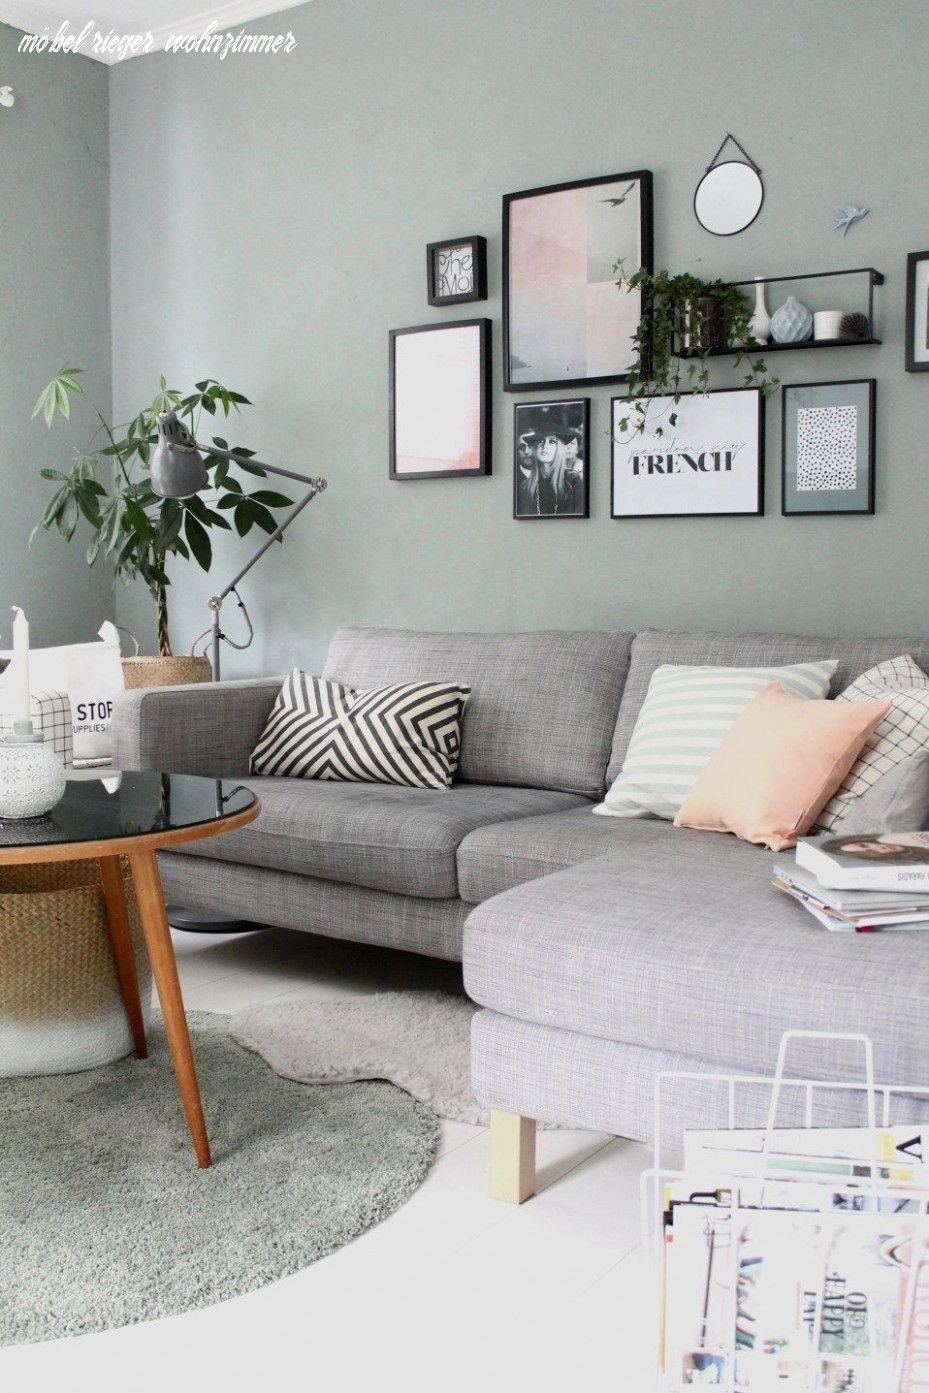 7 Geheimnisse über Möbel Rieger Wohnzimmer, Die In Den Letzten 7